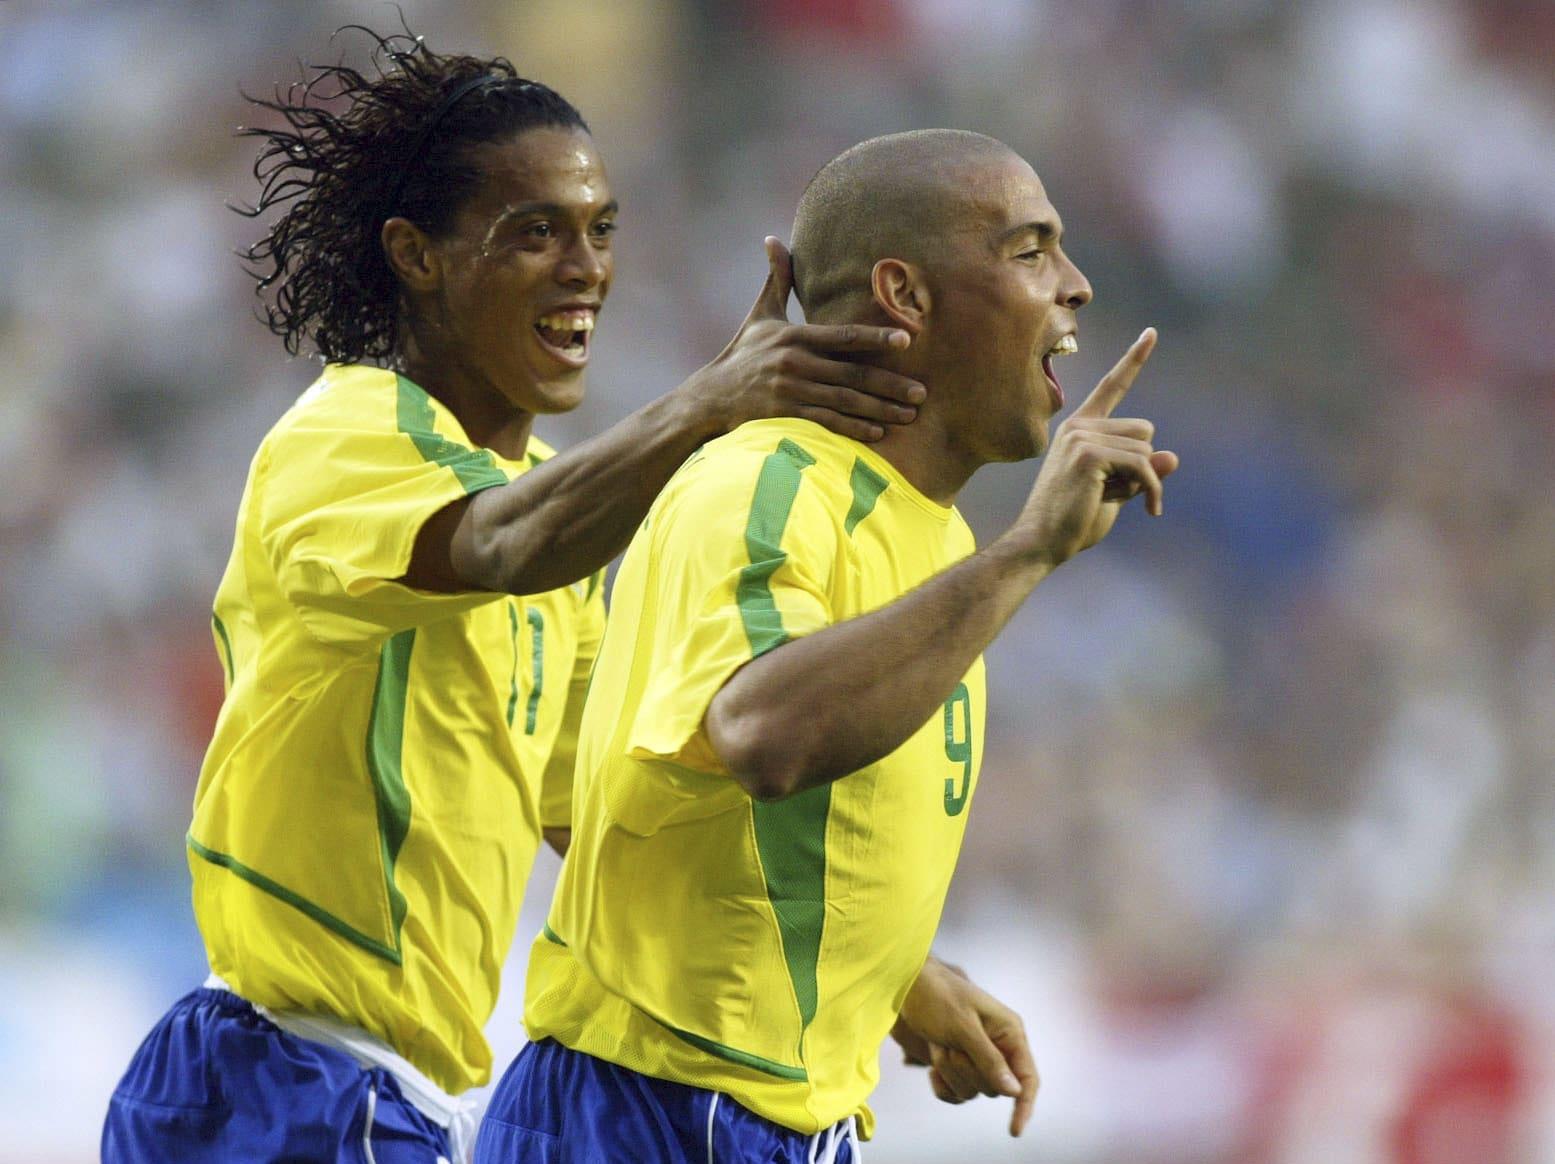 البرازيلي رونالدو: المنافسة في جيلي كانت أشرس من جيل ميسي وكريستيانو